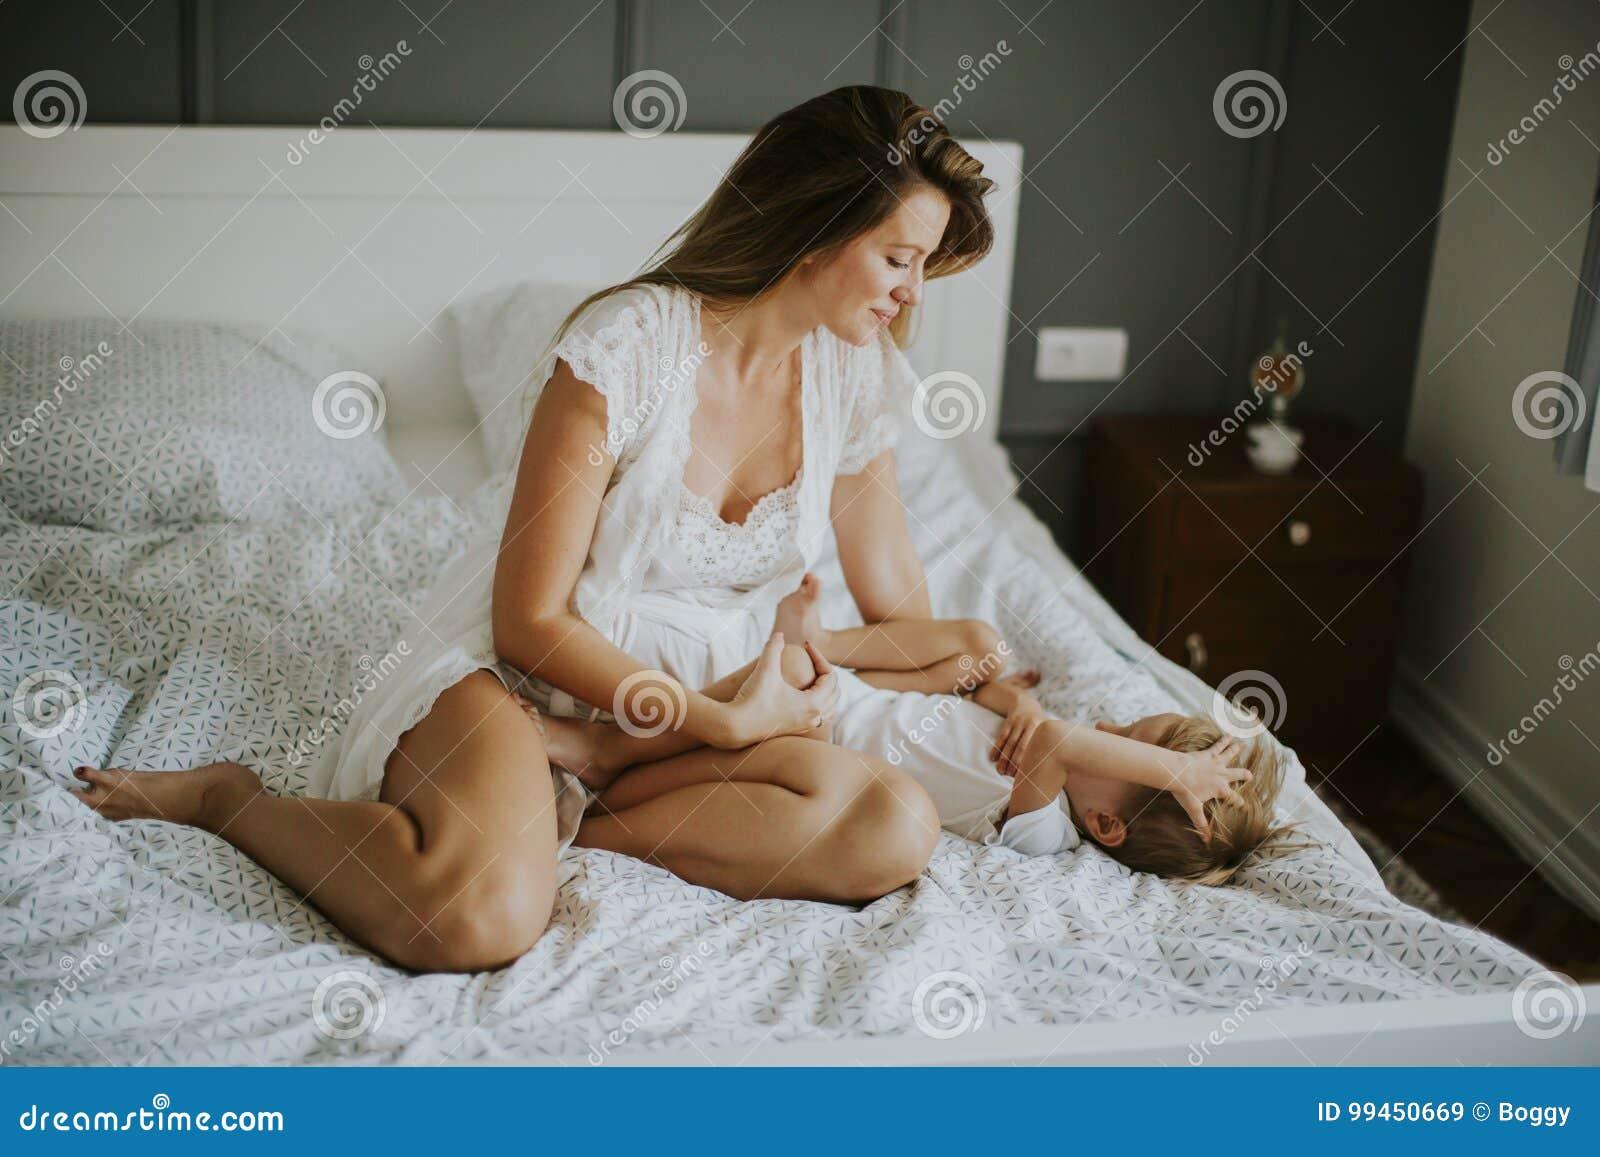 Сын В Спальни И Голая Мама